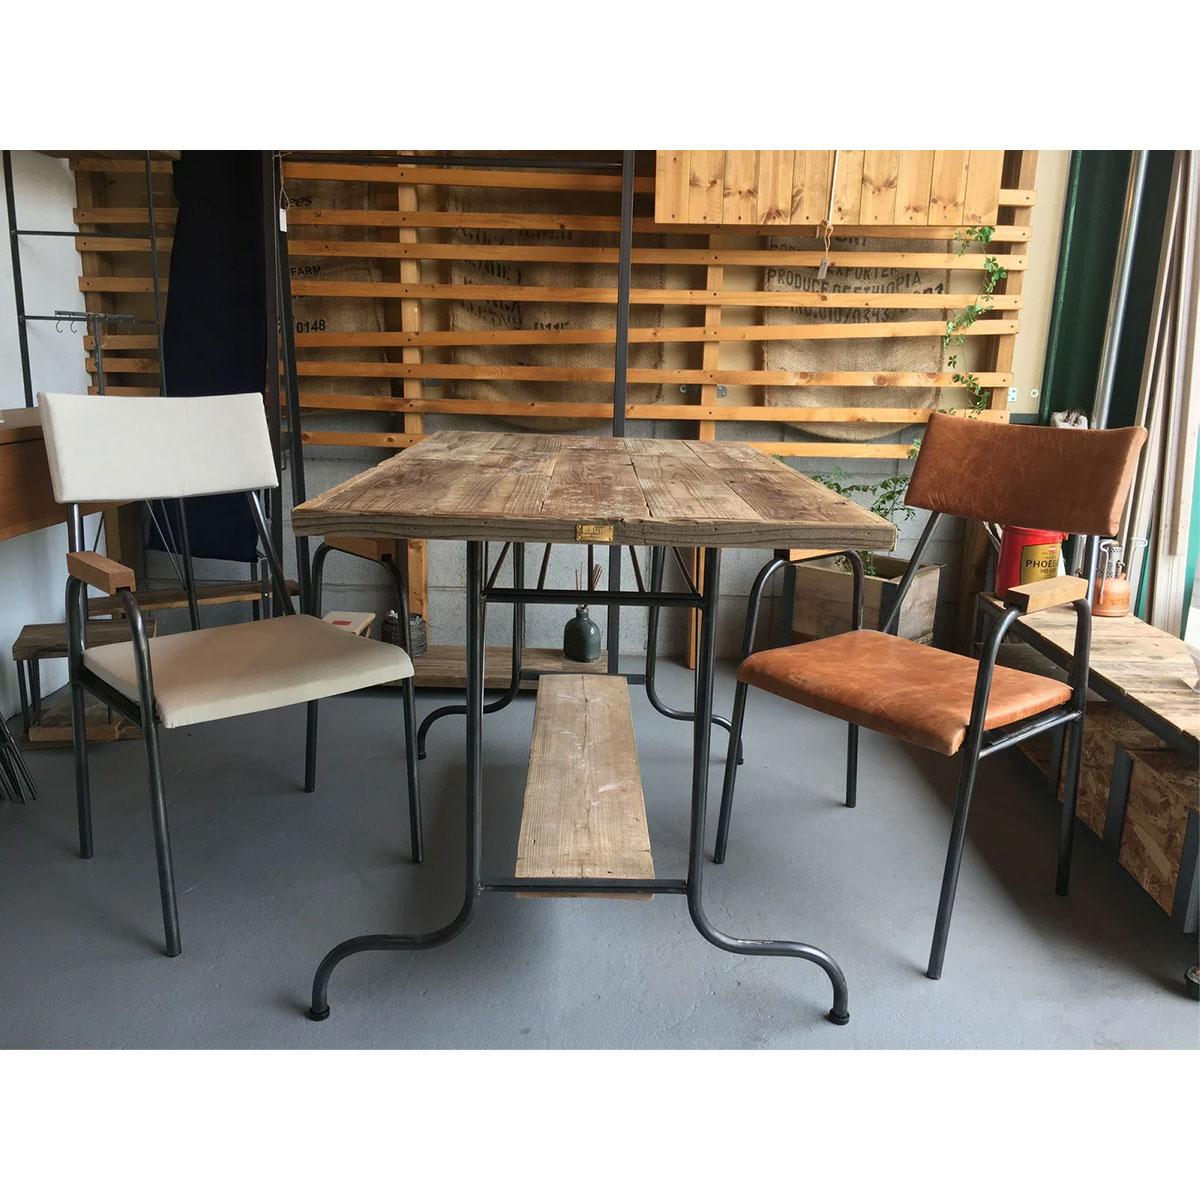 馬革のチェアとダイニングテーブル